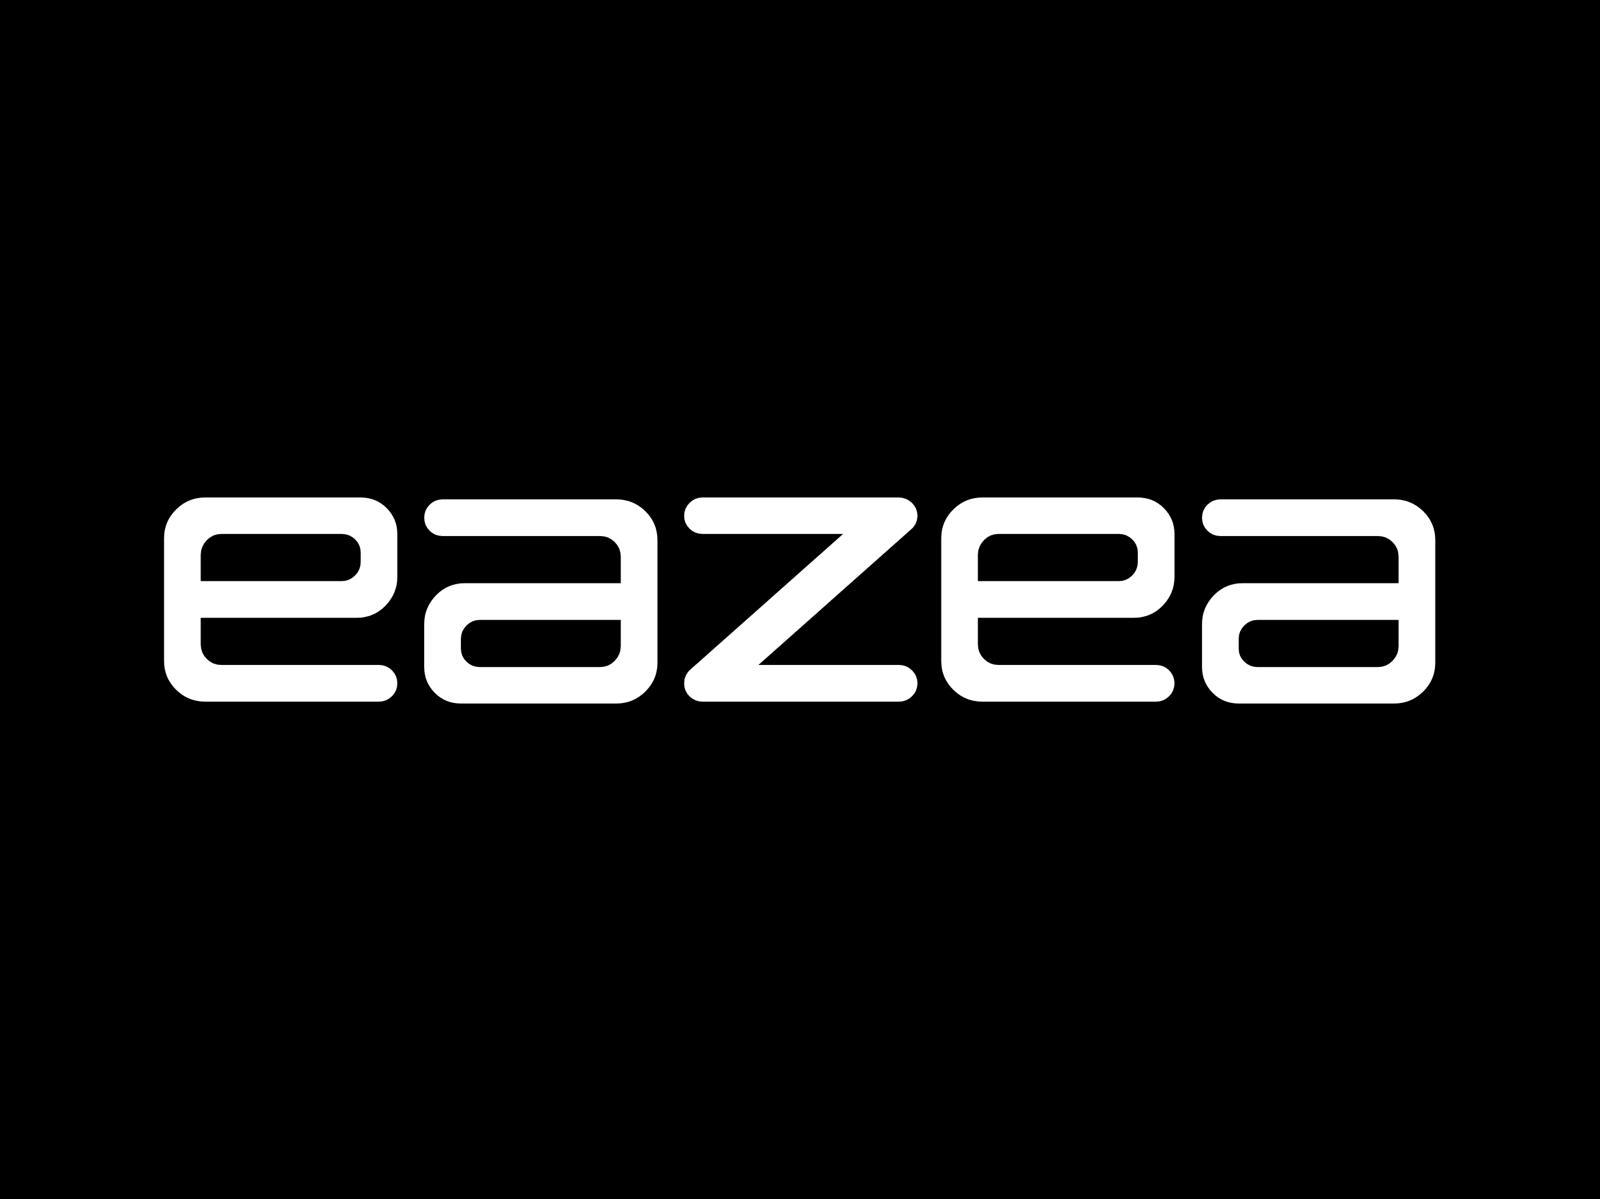 https://sg.mncjobz.com/company/eazea-pte-ltd-1621395883